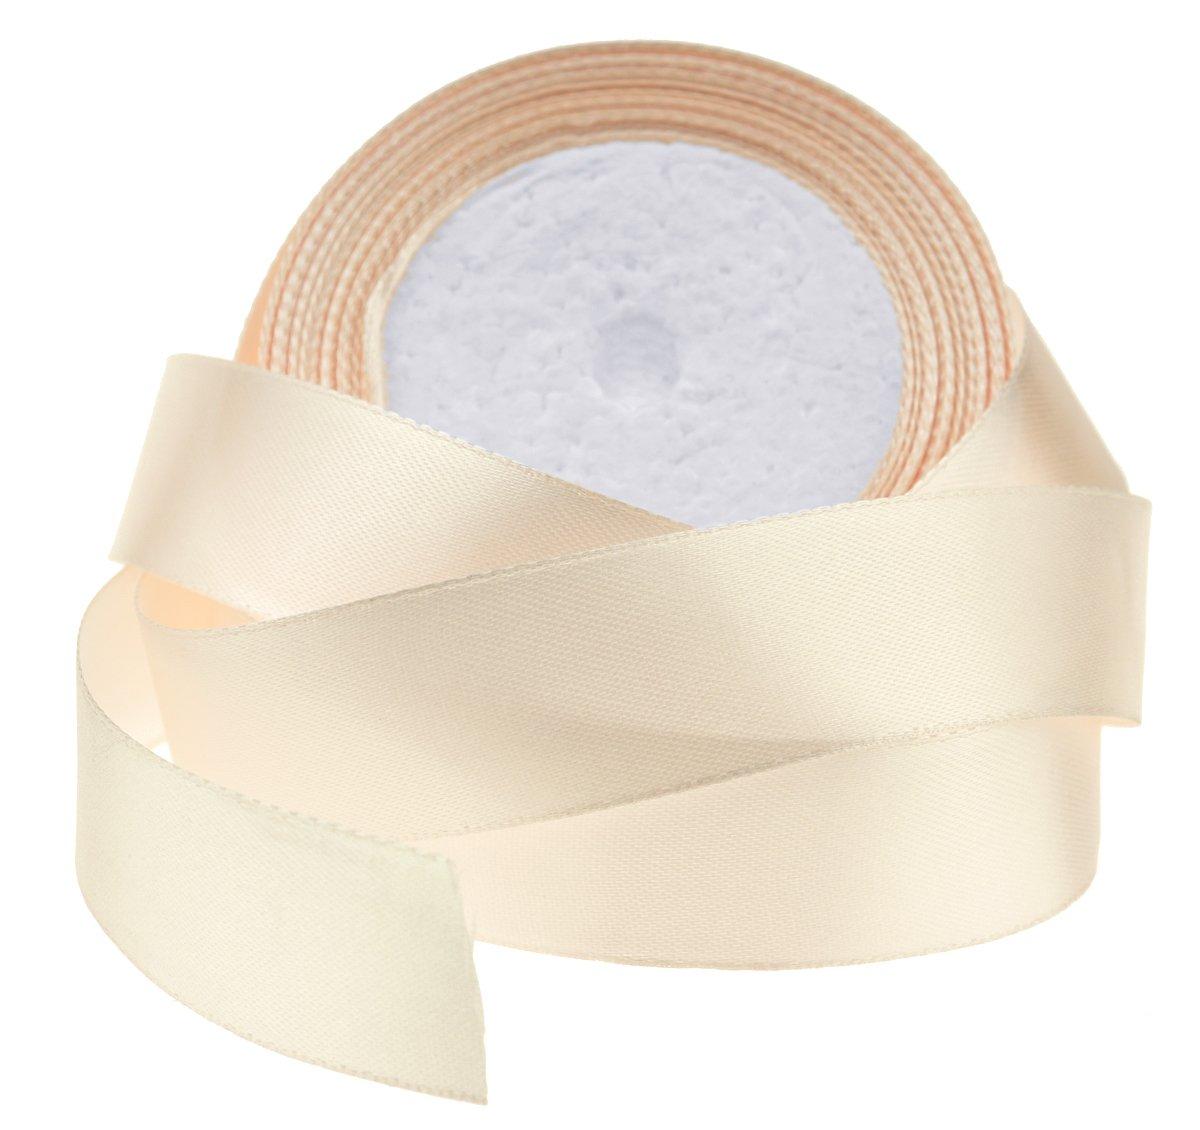 1×高品質の片面サテンリボン/工芸品/DIY/スクラップブッキング/ギフト用包装紙/結婚式に最適(#2ベージュ、(25mm x 23M) - FiveSeasonStuff B01A5QQP0C